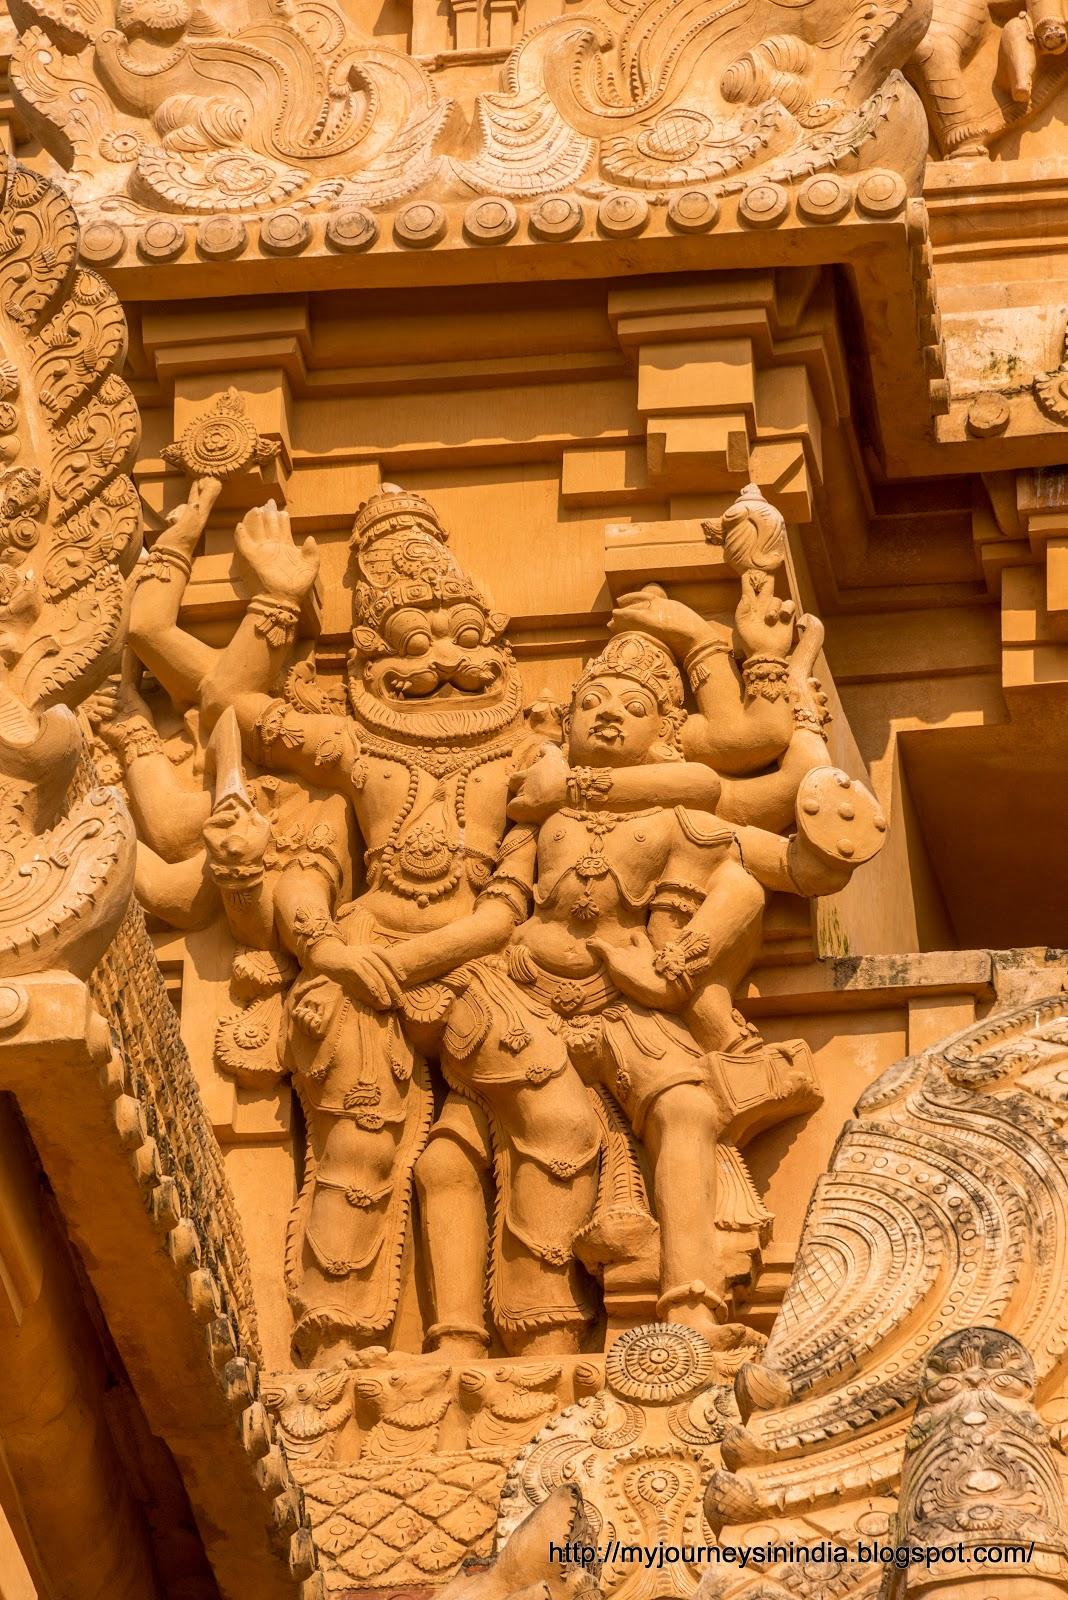 Thanjavur Brihadeeswarar Temple Tower sculptures Narasimha